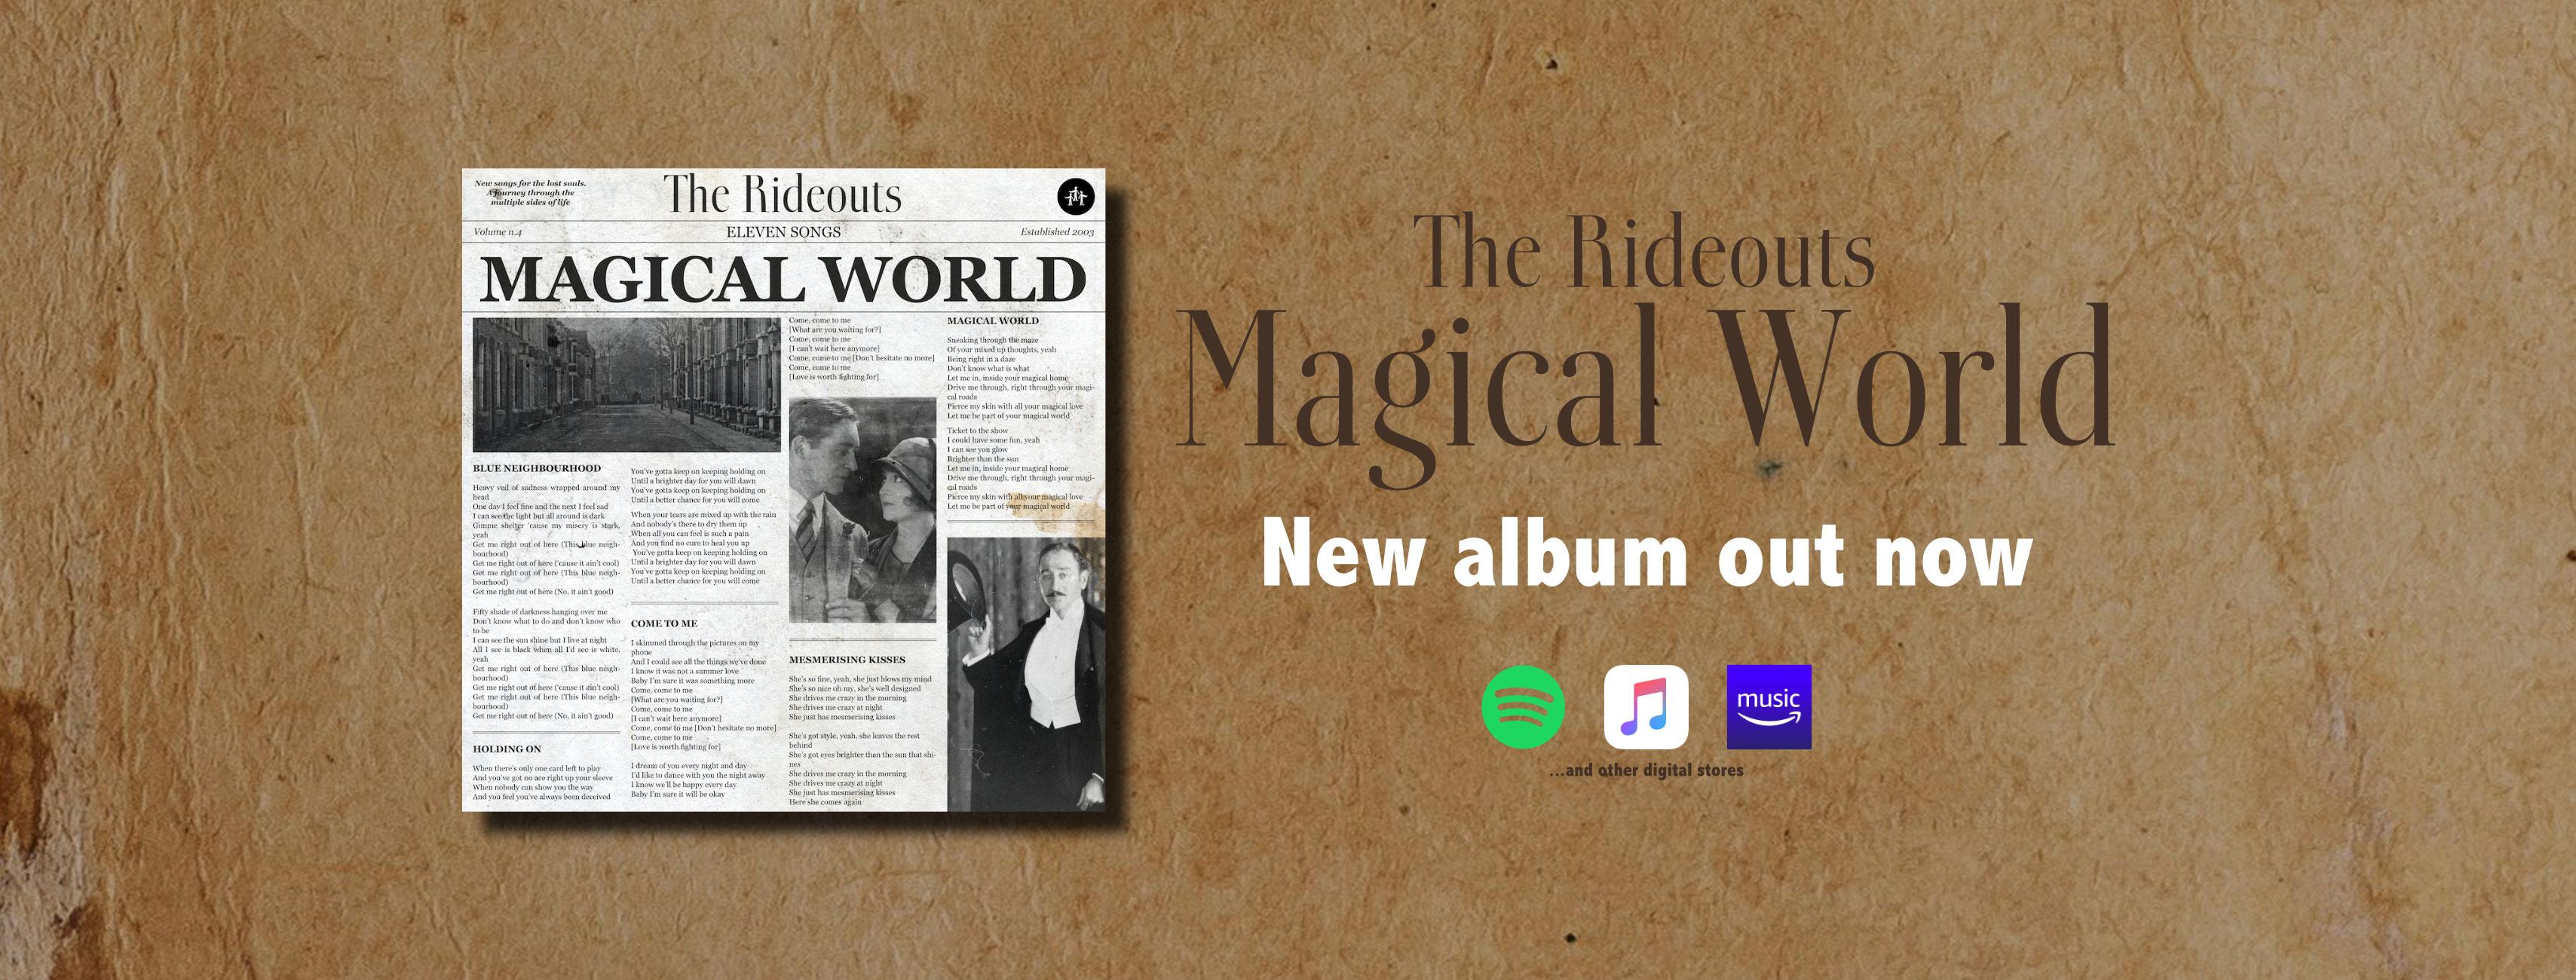 magical_world_album